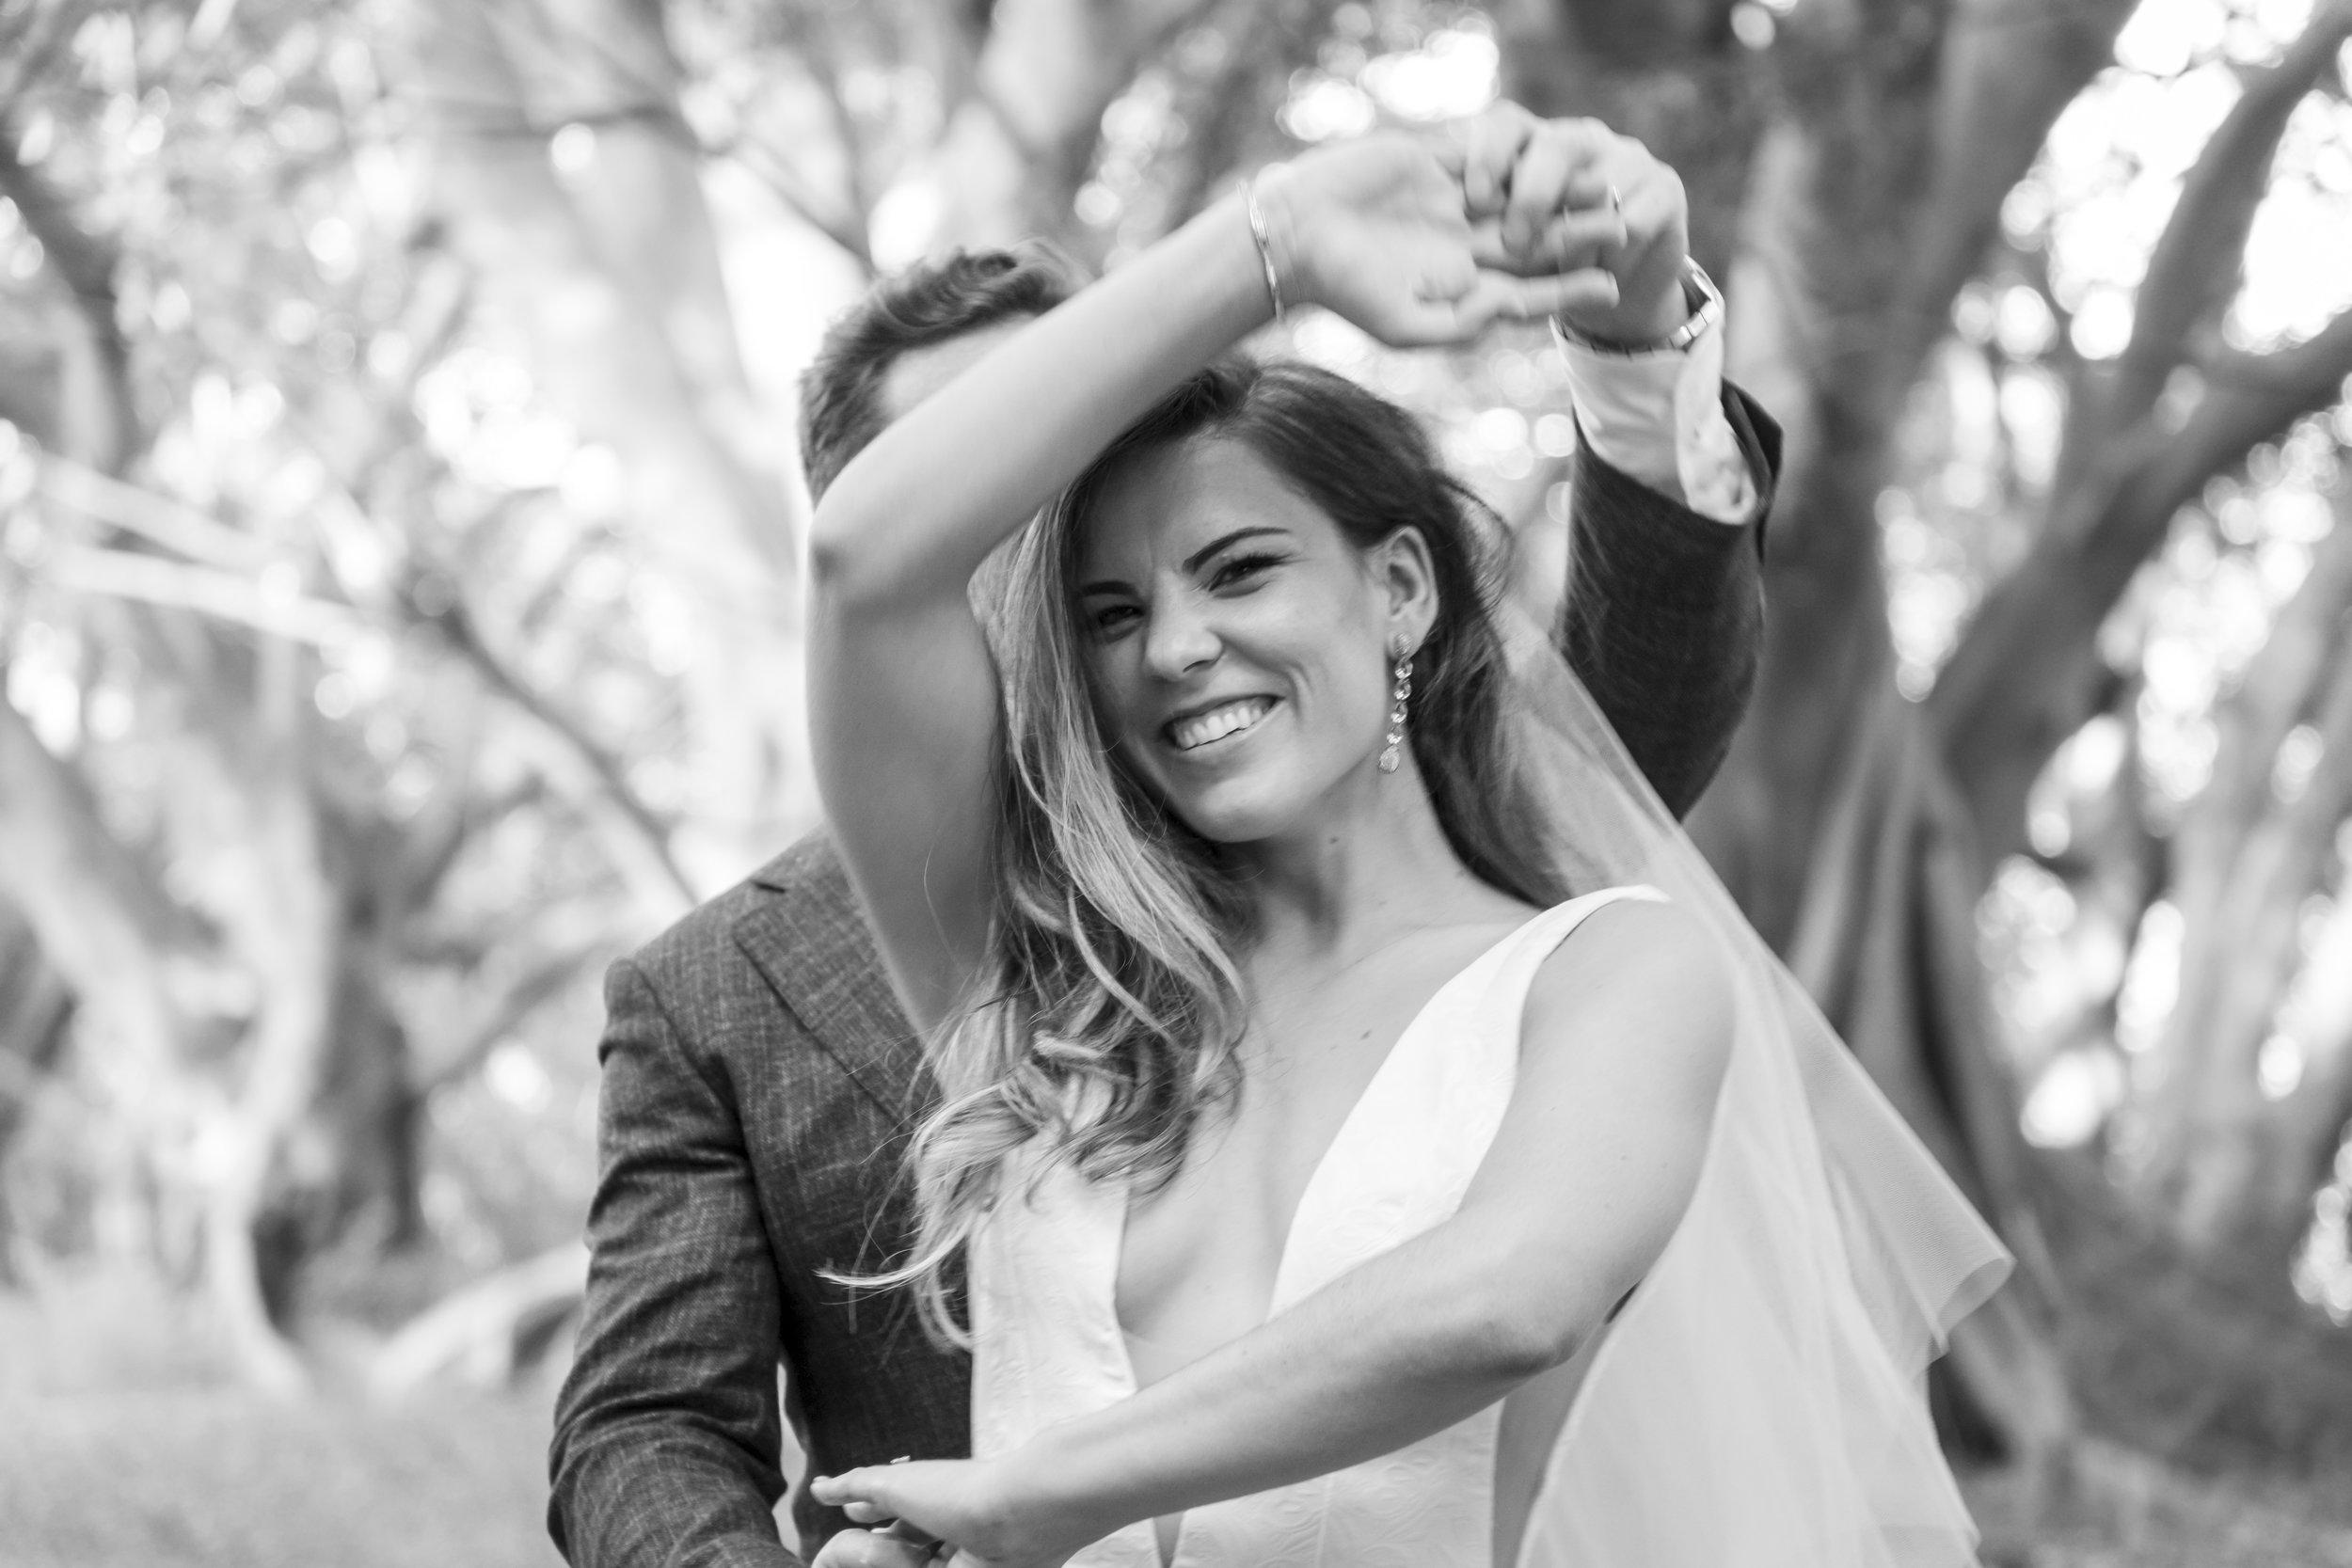 Weddings & Body Image